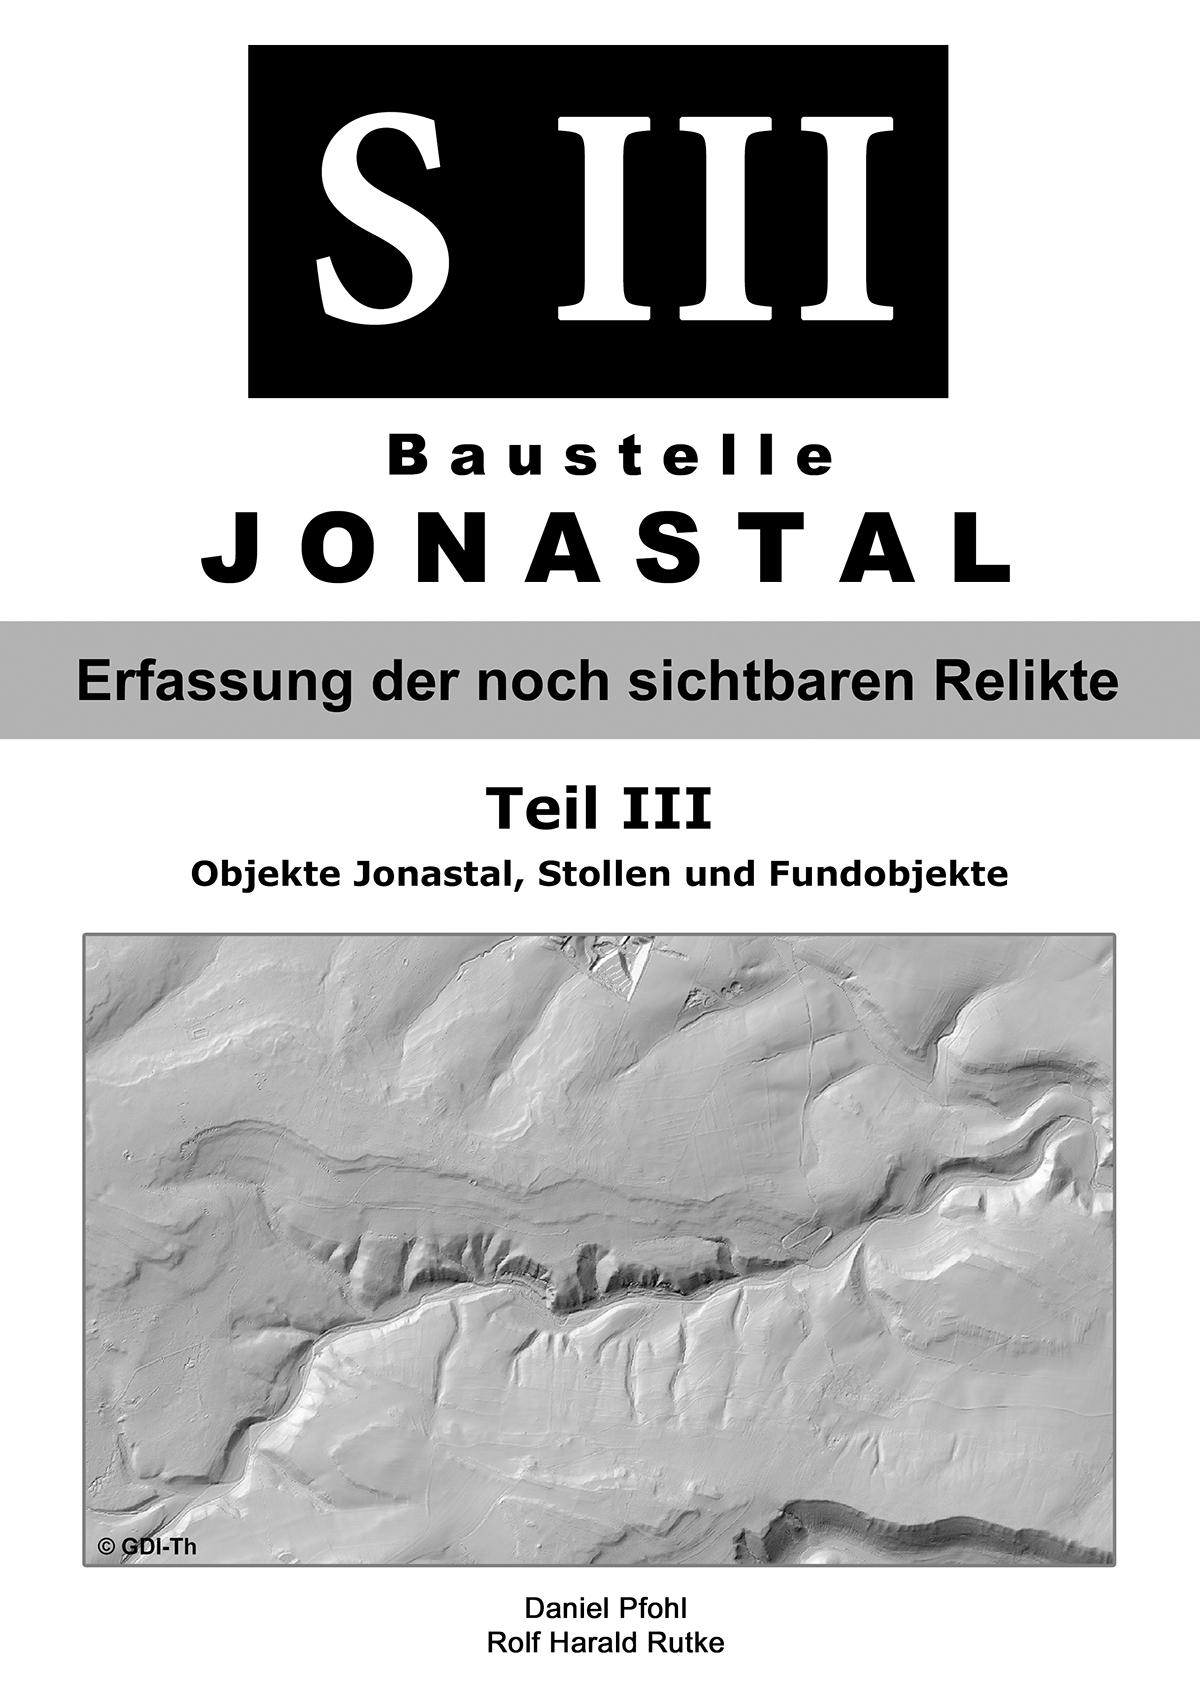 Cover SIII BaustelleJonastal Vorderseite Teil III final